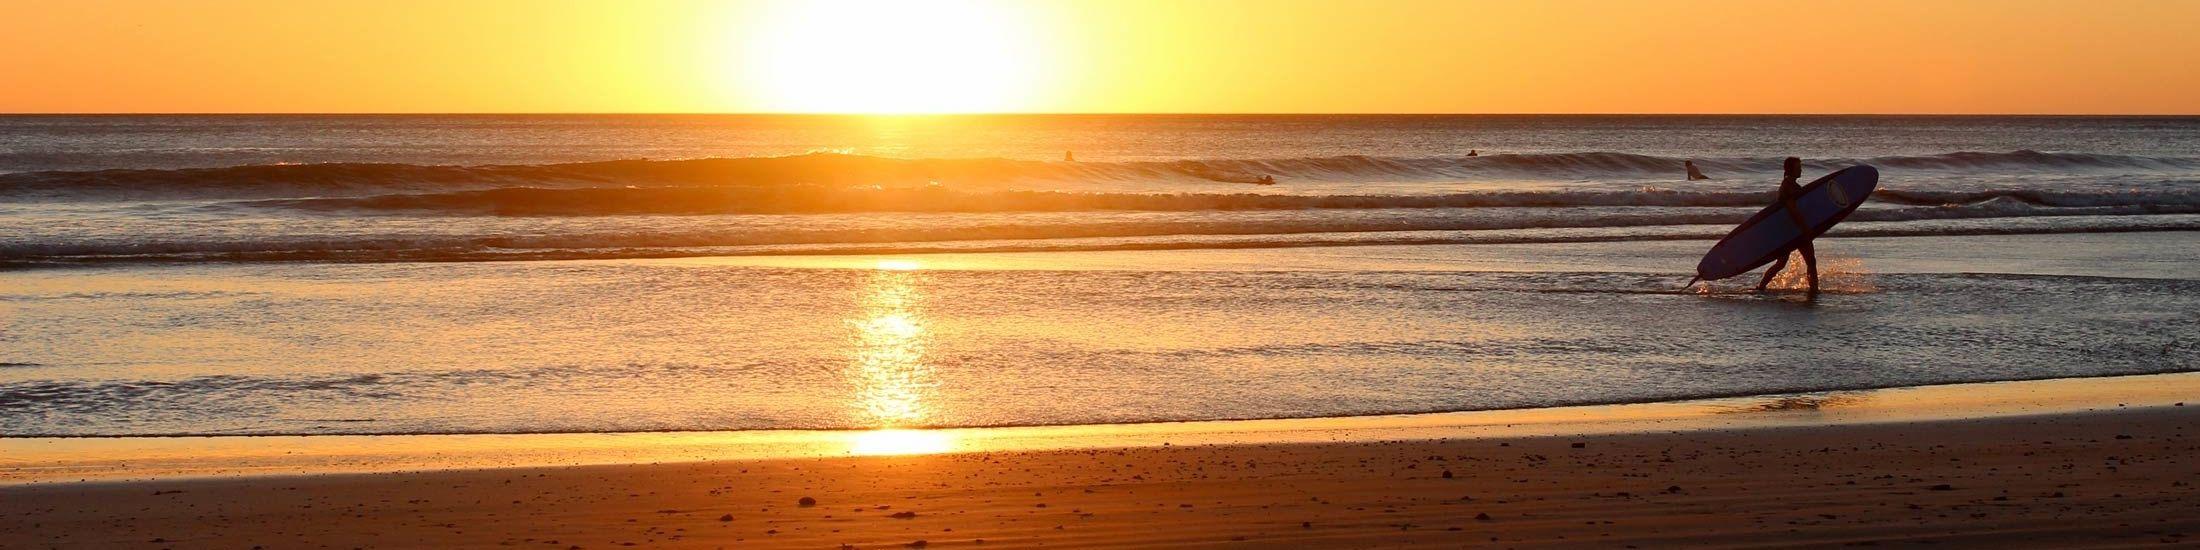 sunset-surf